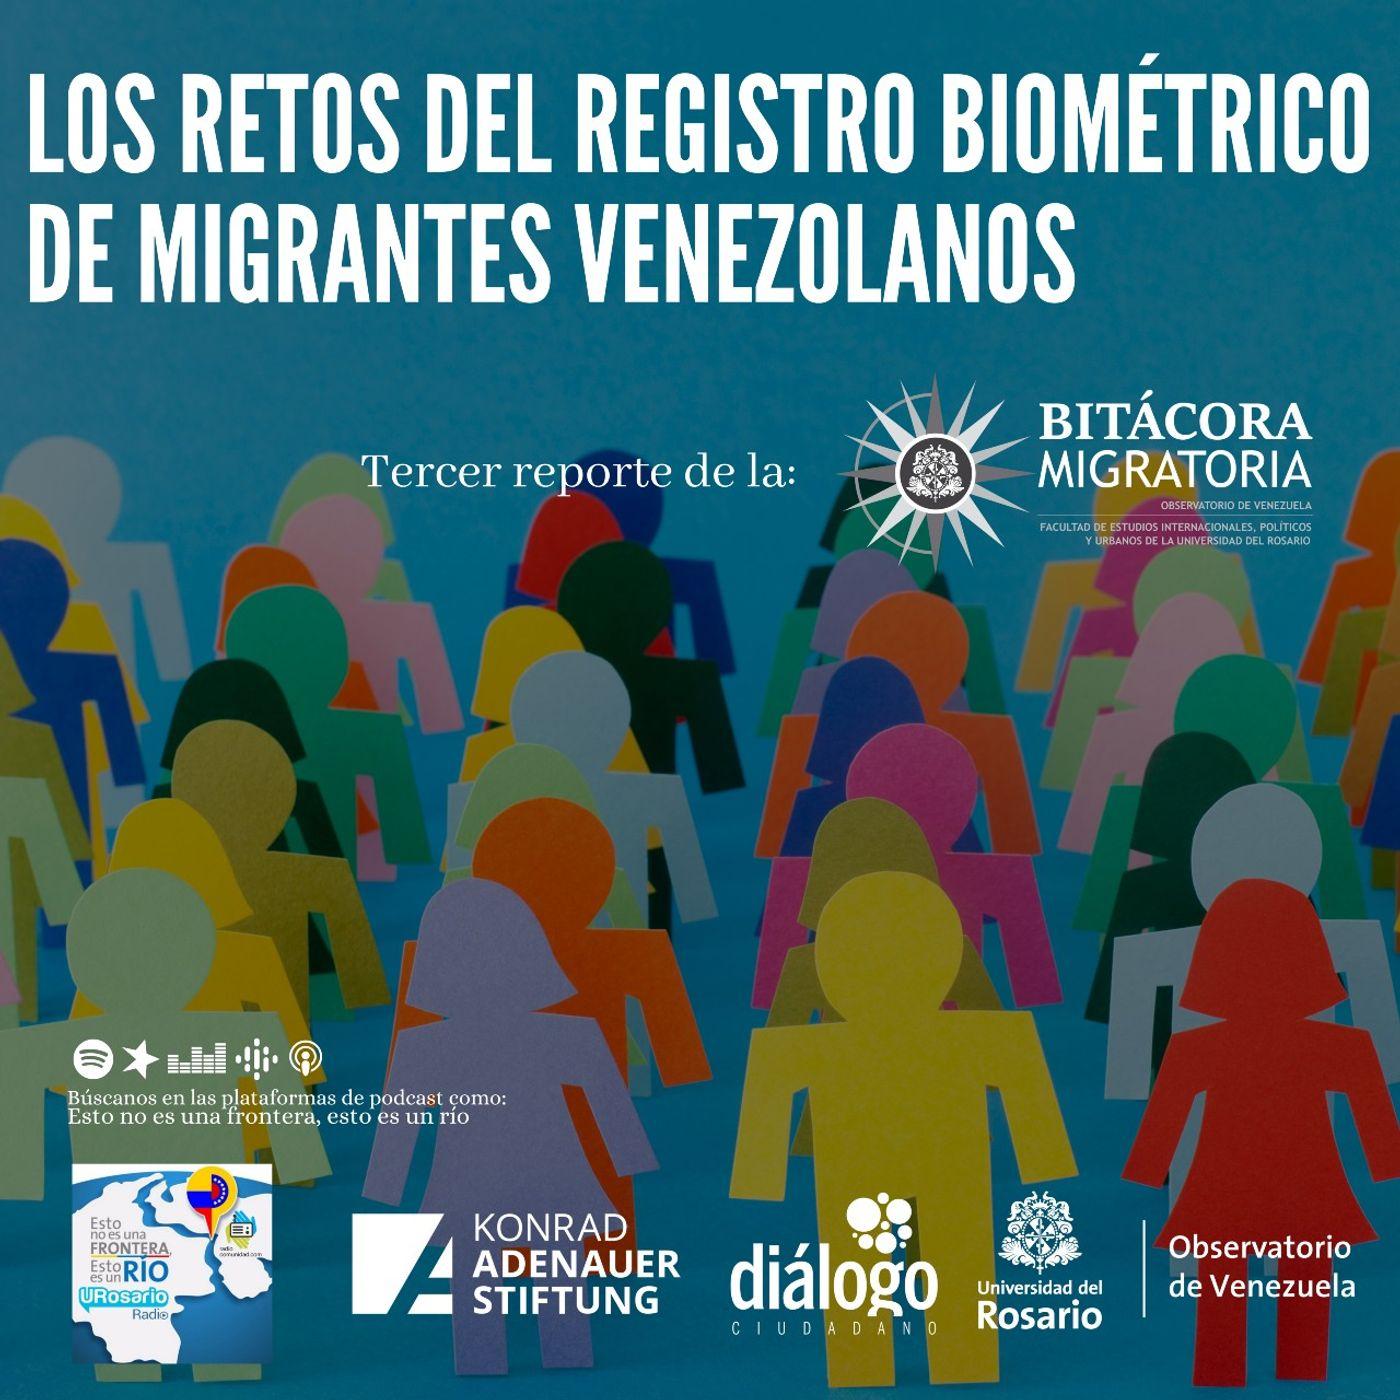 Los retos del registro biométrico de migrantes venezolanos